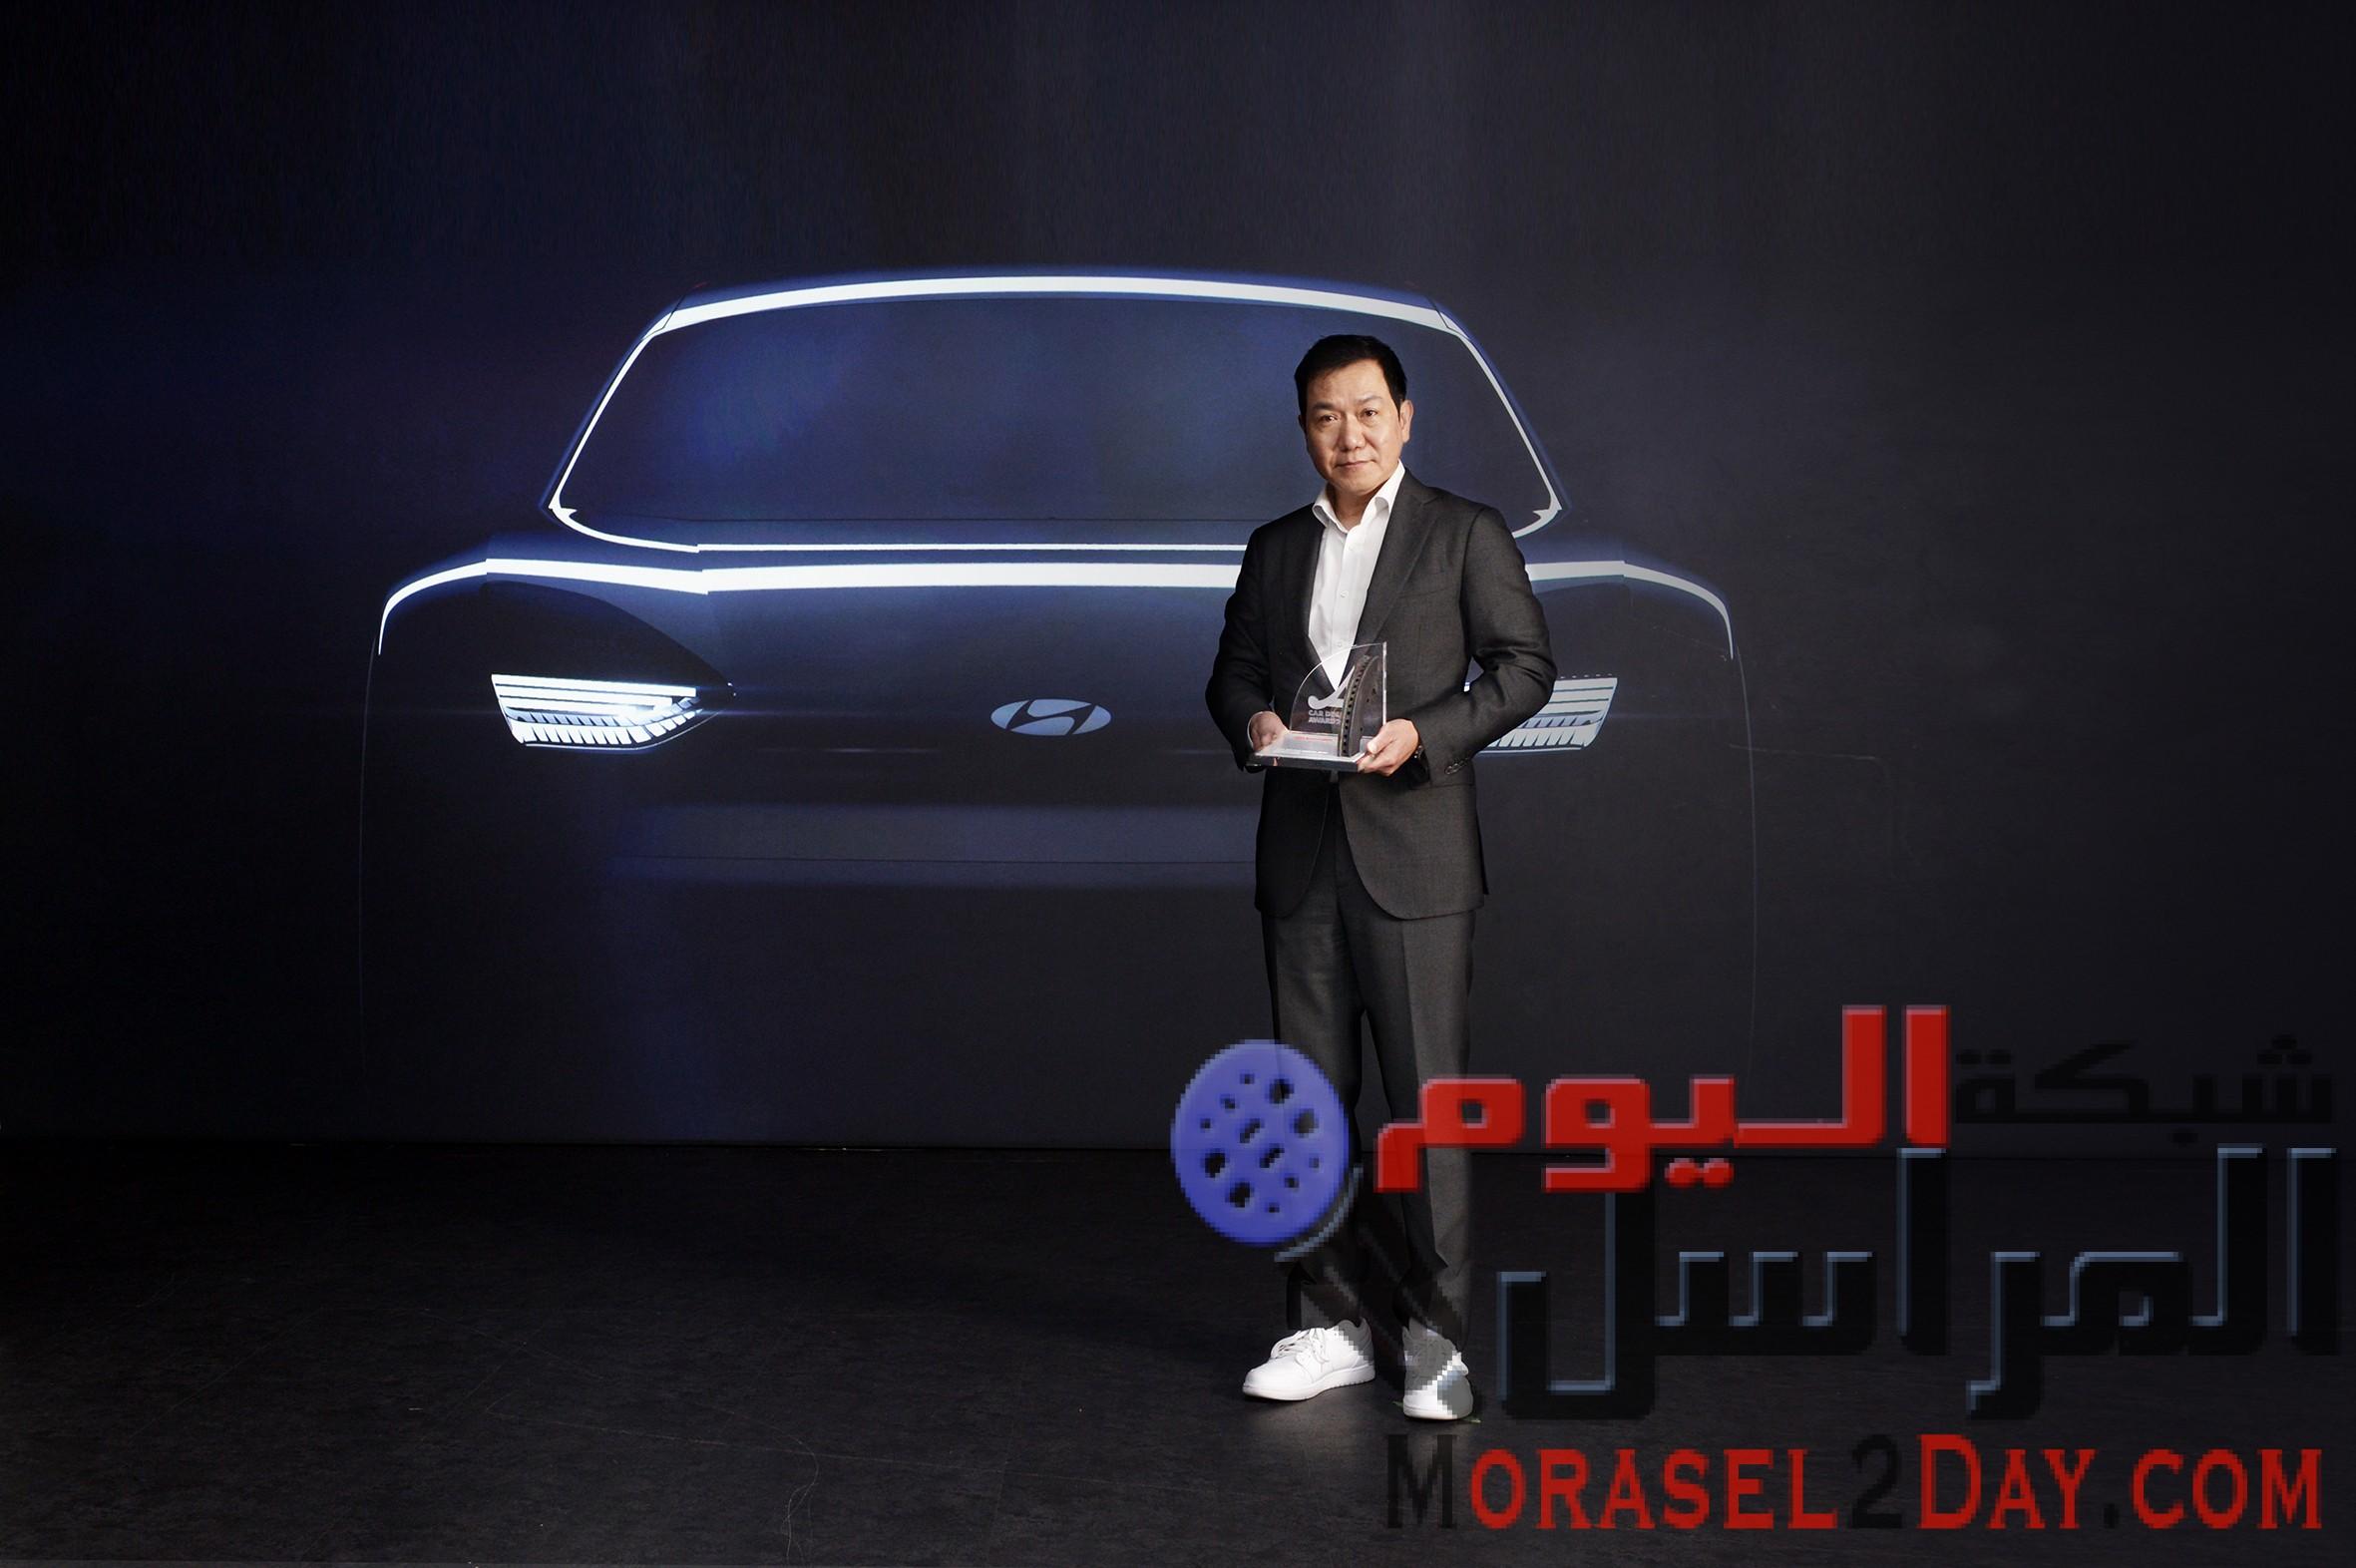 هيونداي موتورز تفوز بجائزة أفضل تصميم للسيارات لعام 2020